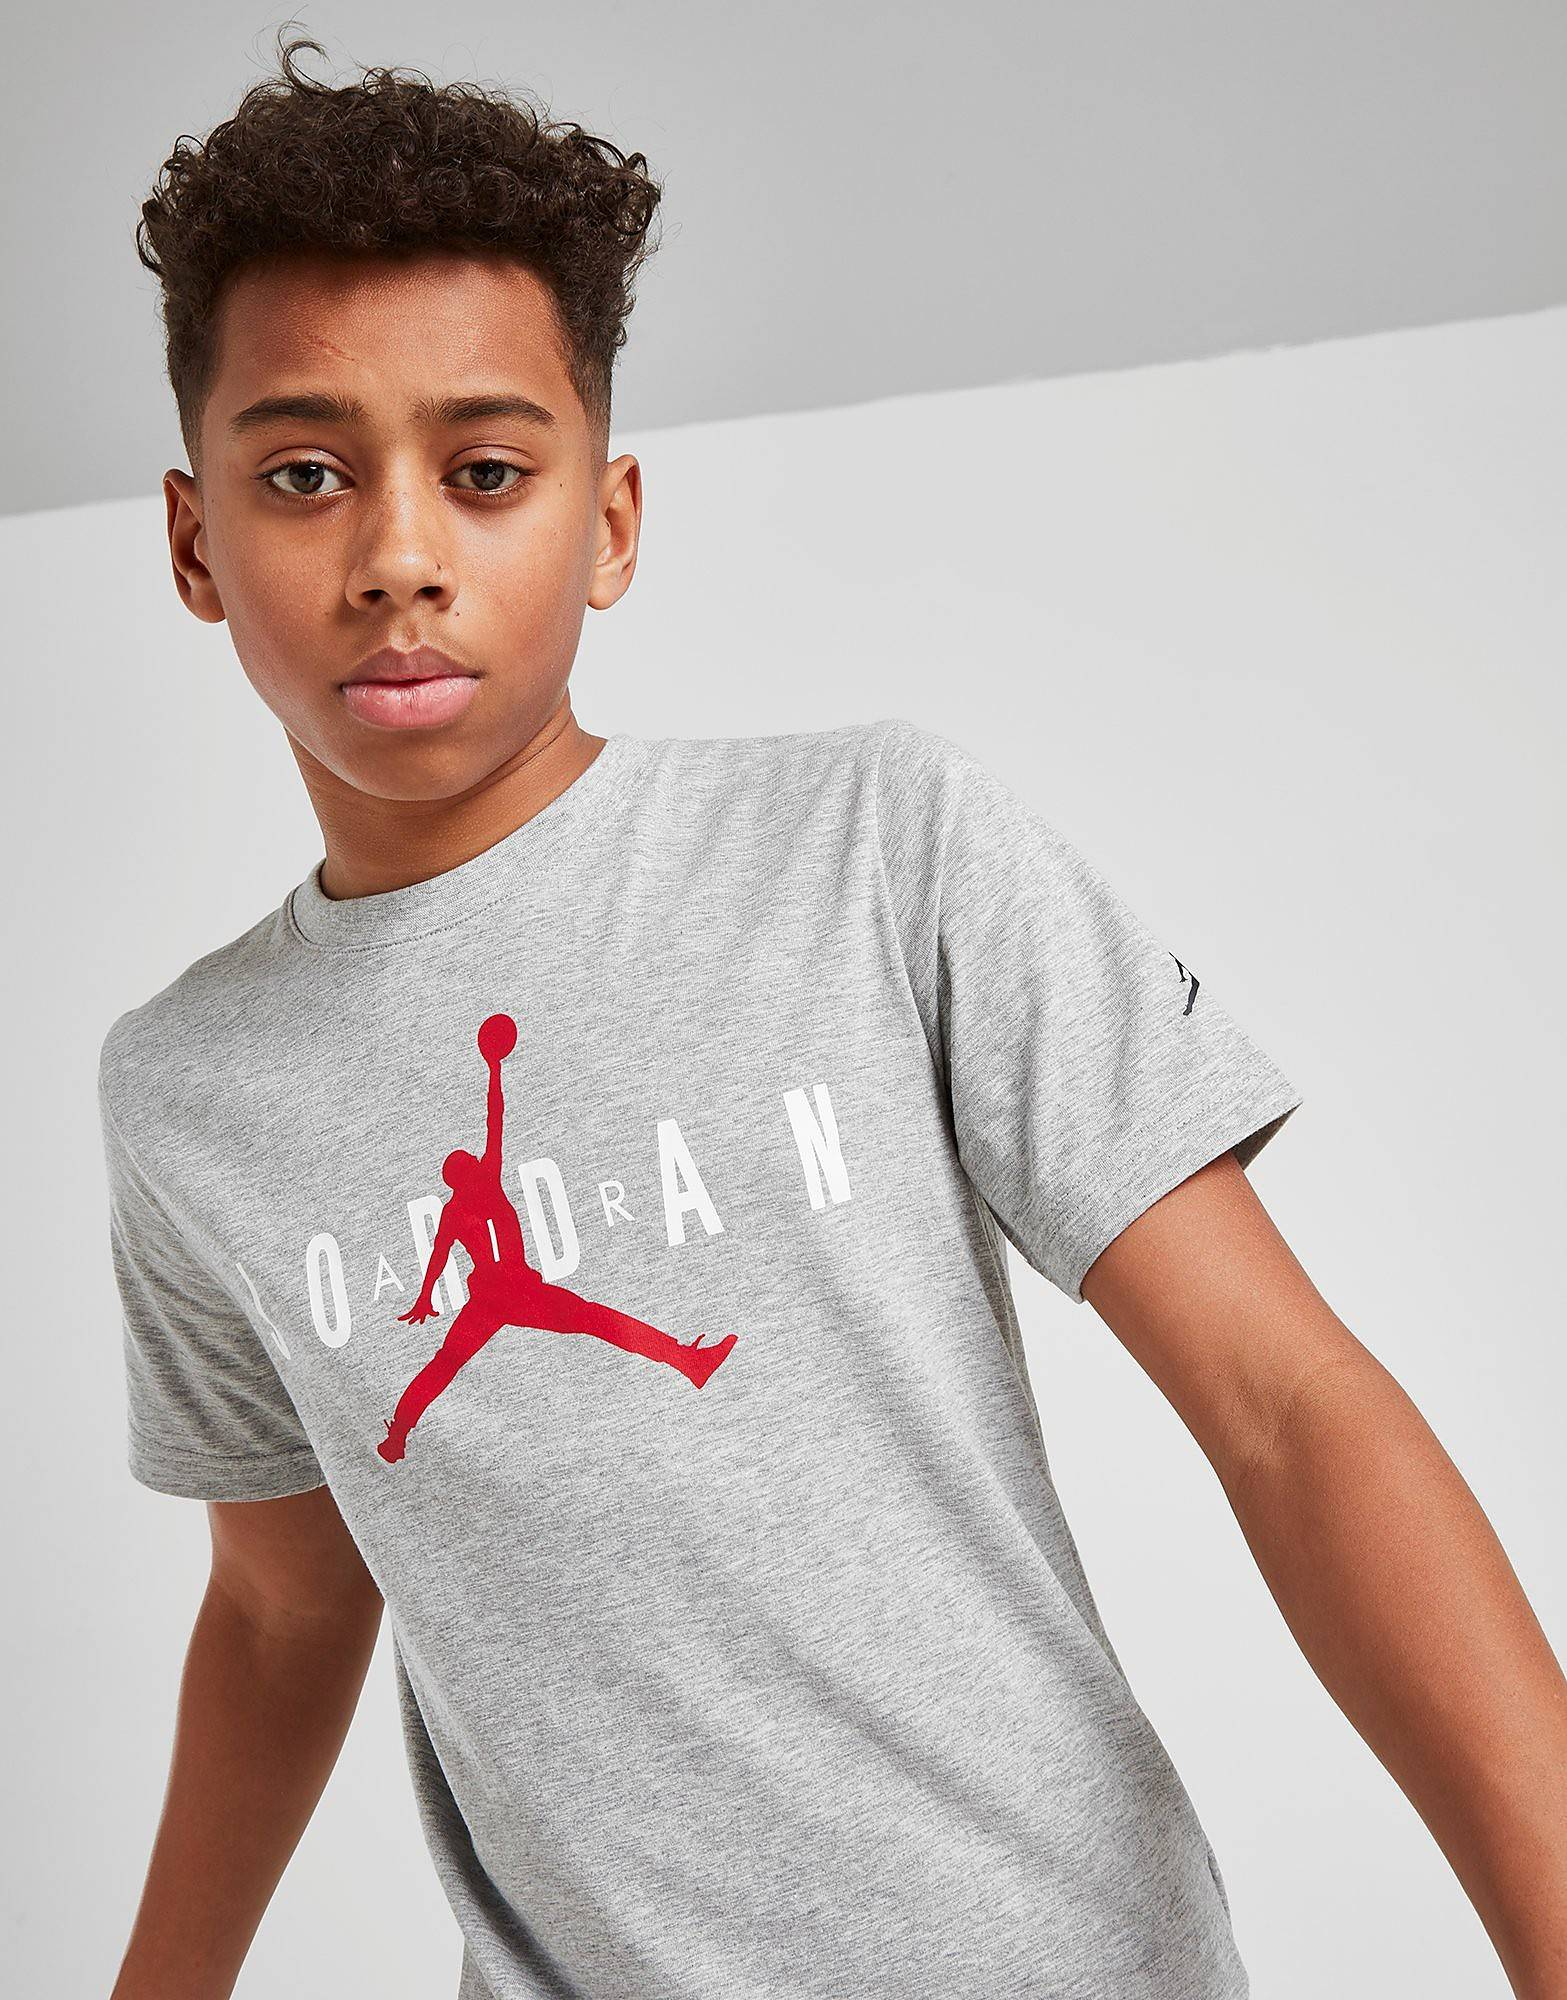 Jordan Brand 5 T-paita Juniorit - Kids, Harmaa